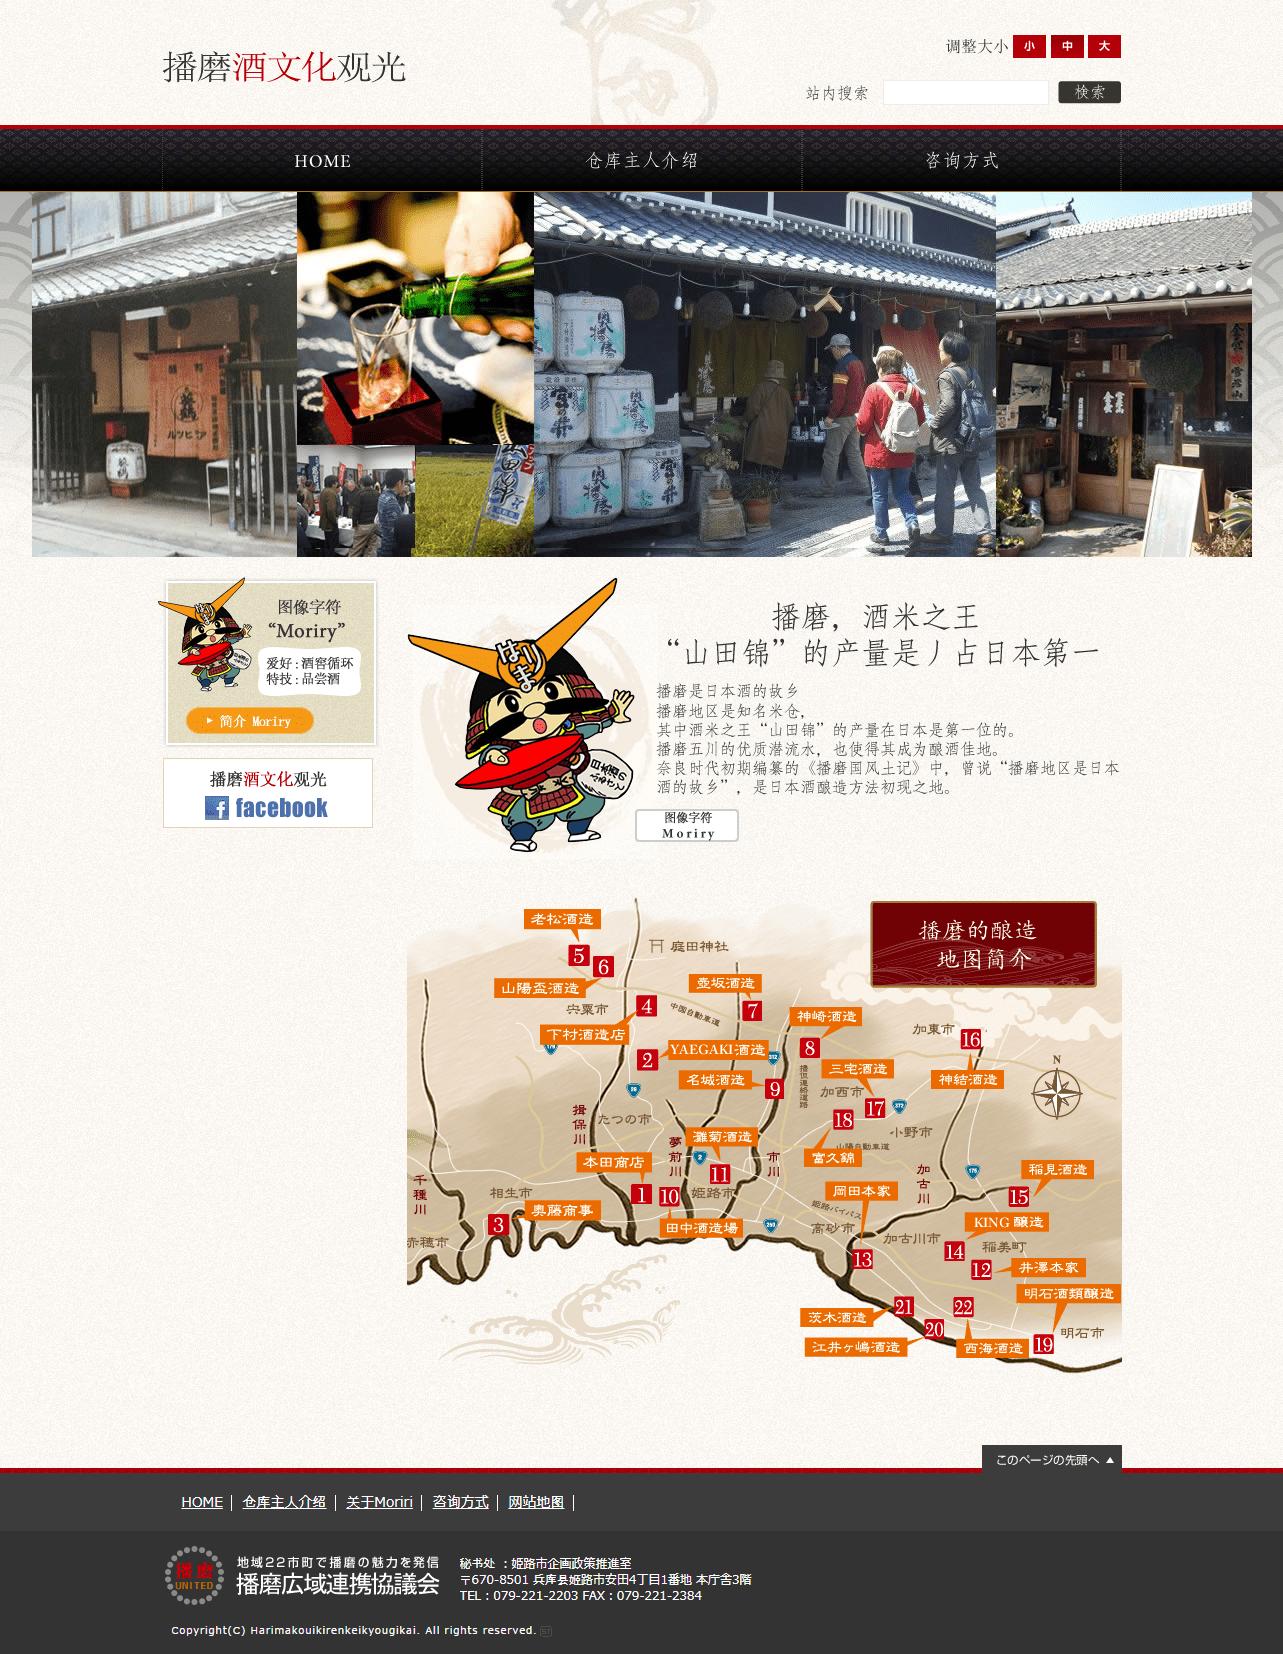 播磨広域連携協議会 はりま酒文化ツーリズム 中国語サイト1